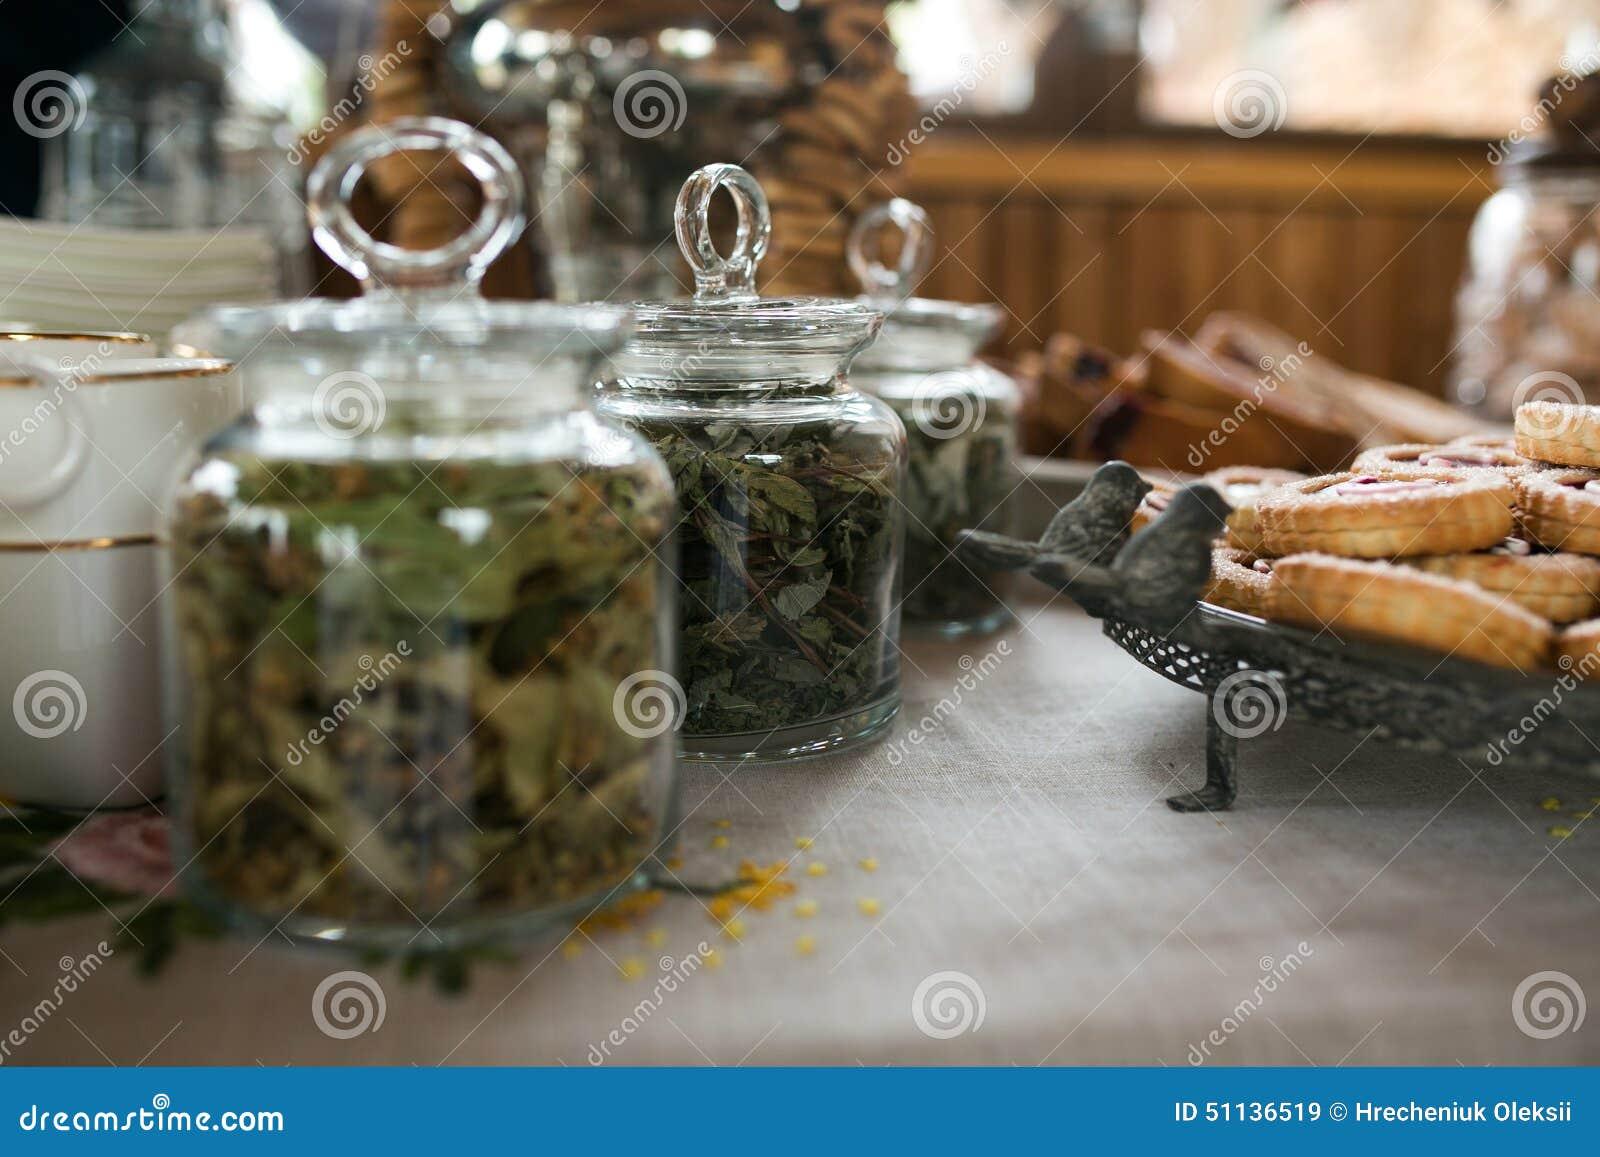 Groene thee en koekjes